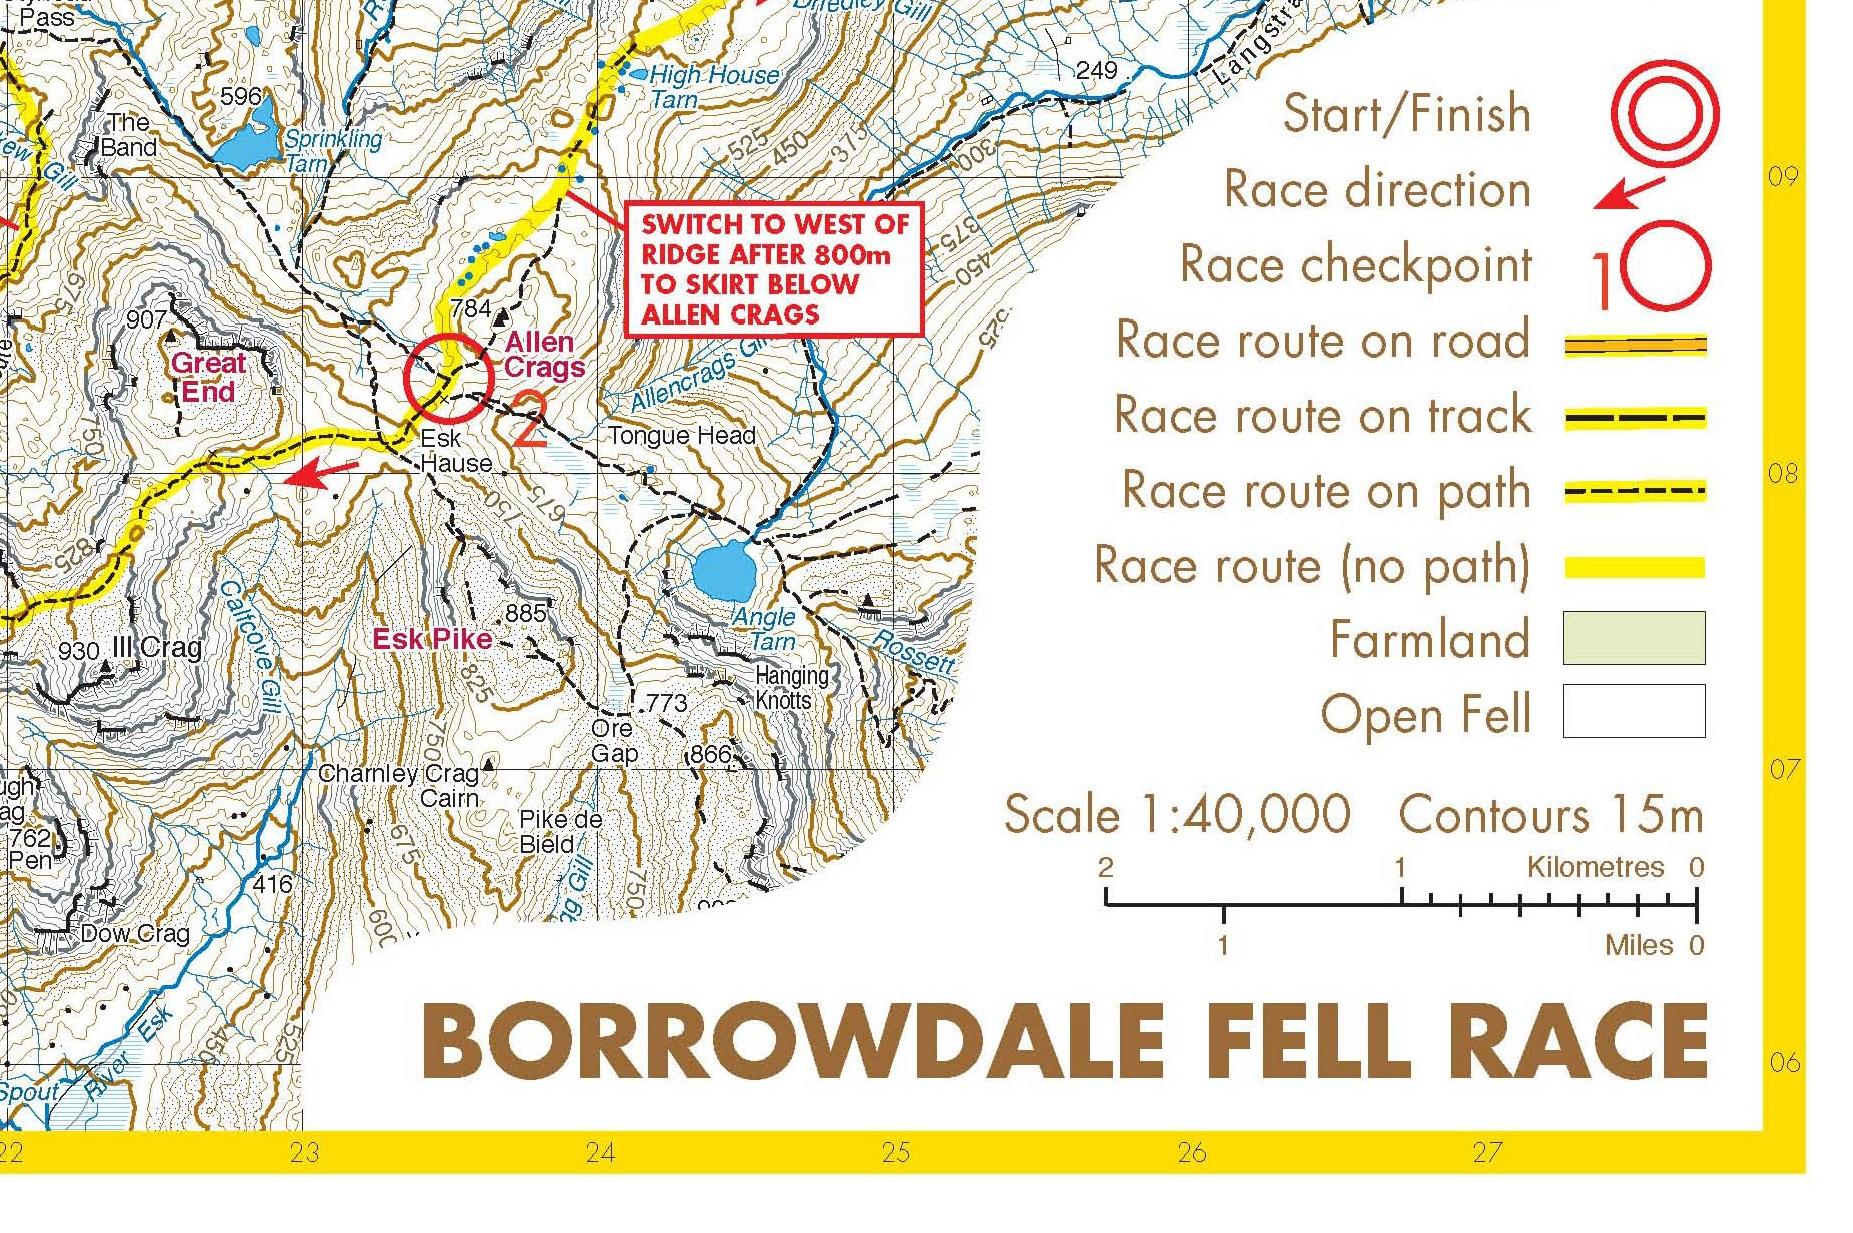 Borrwodale